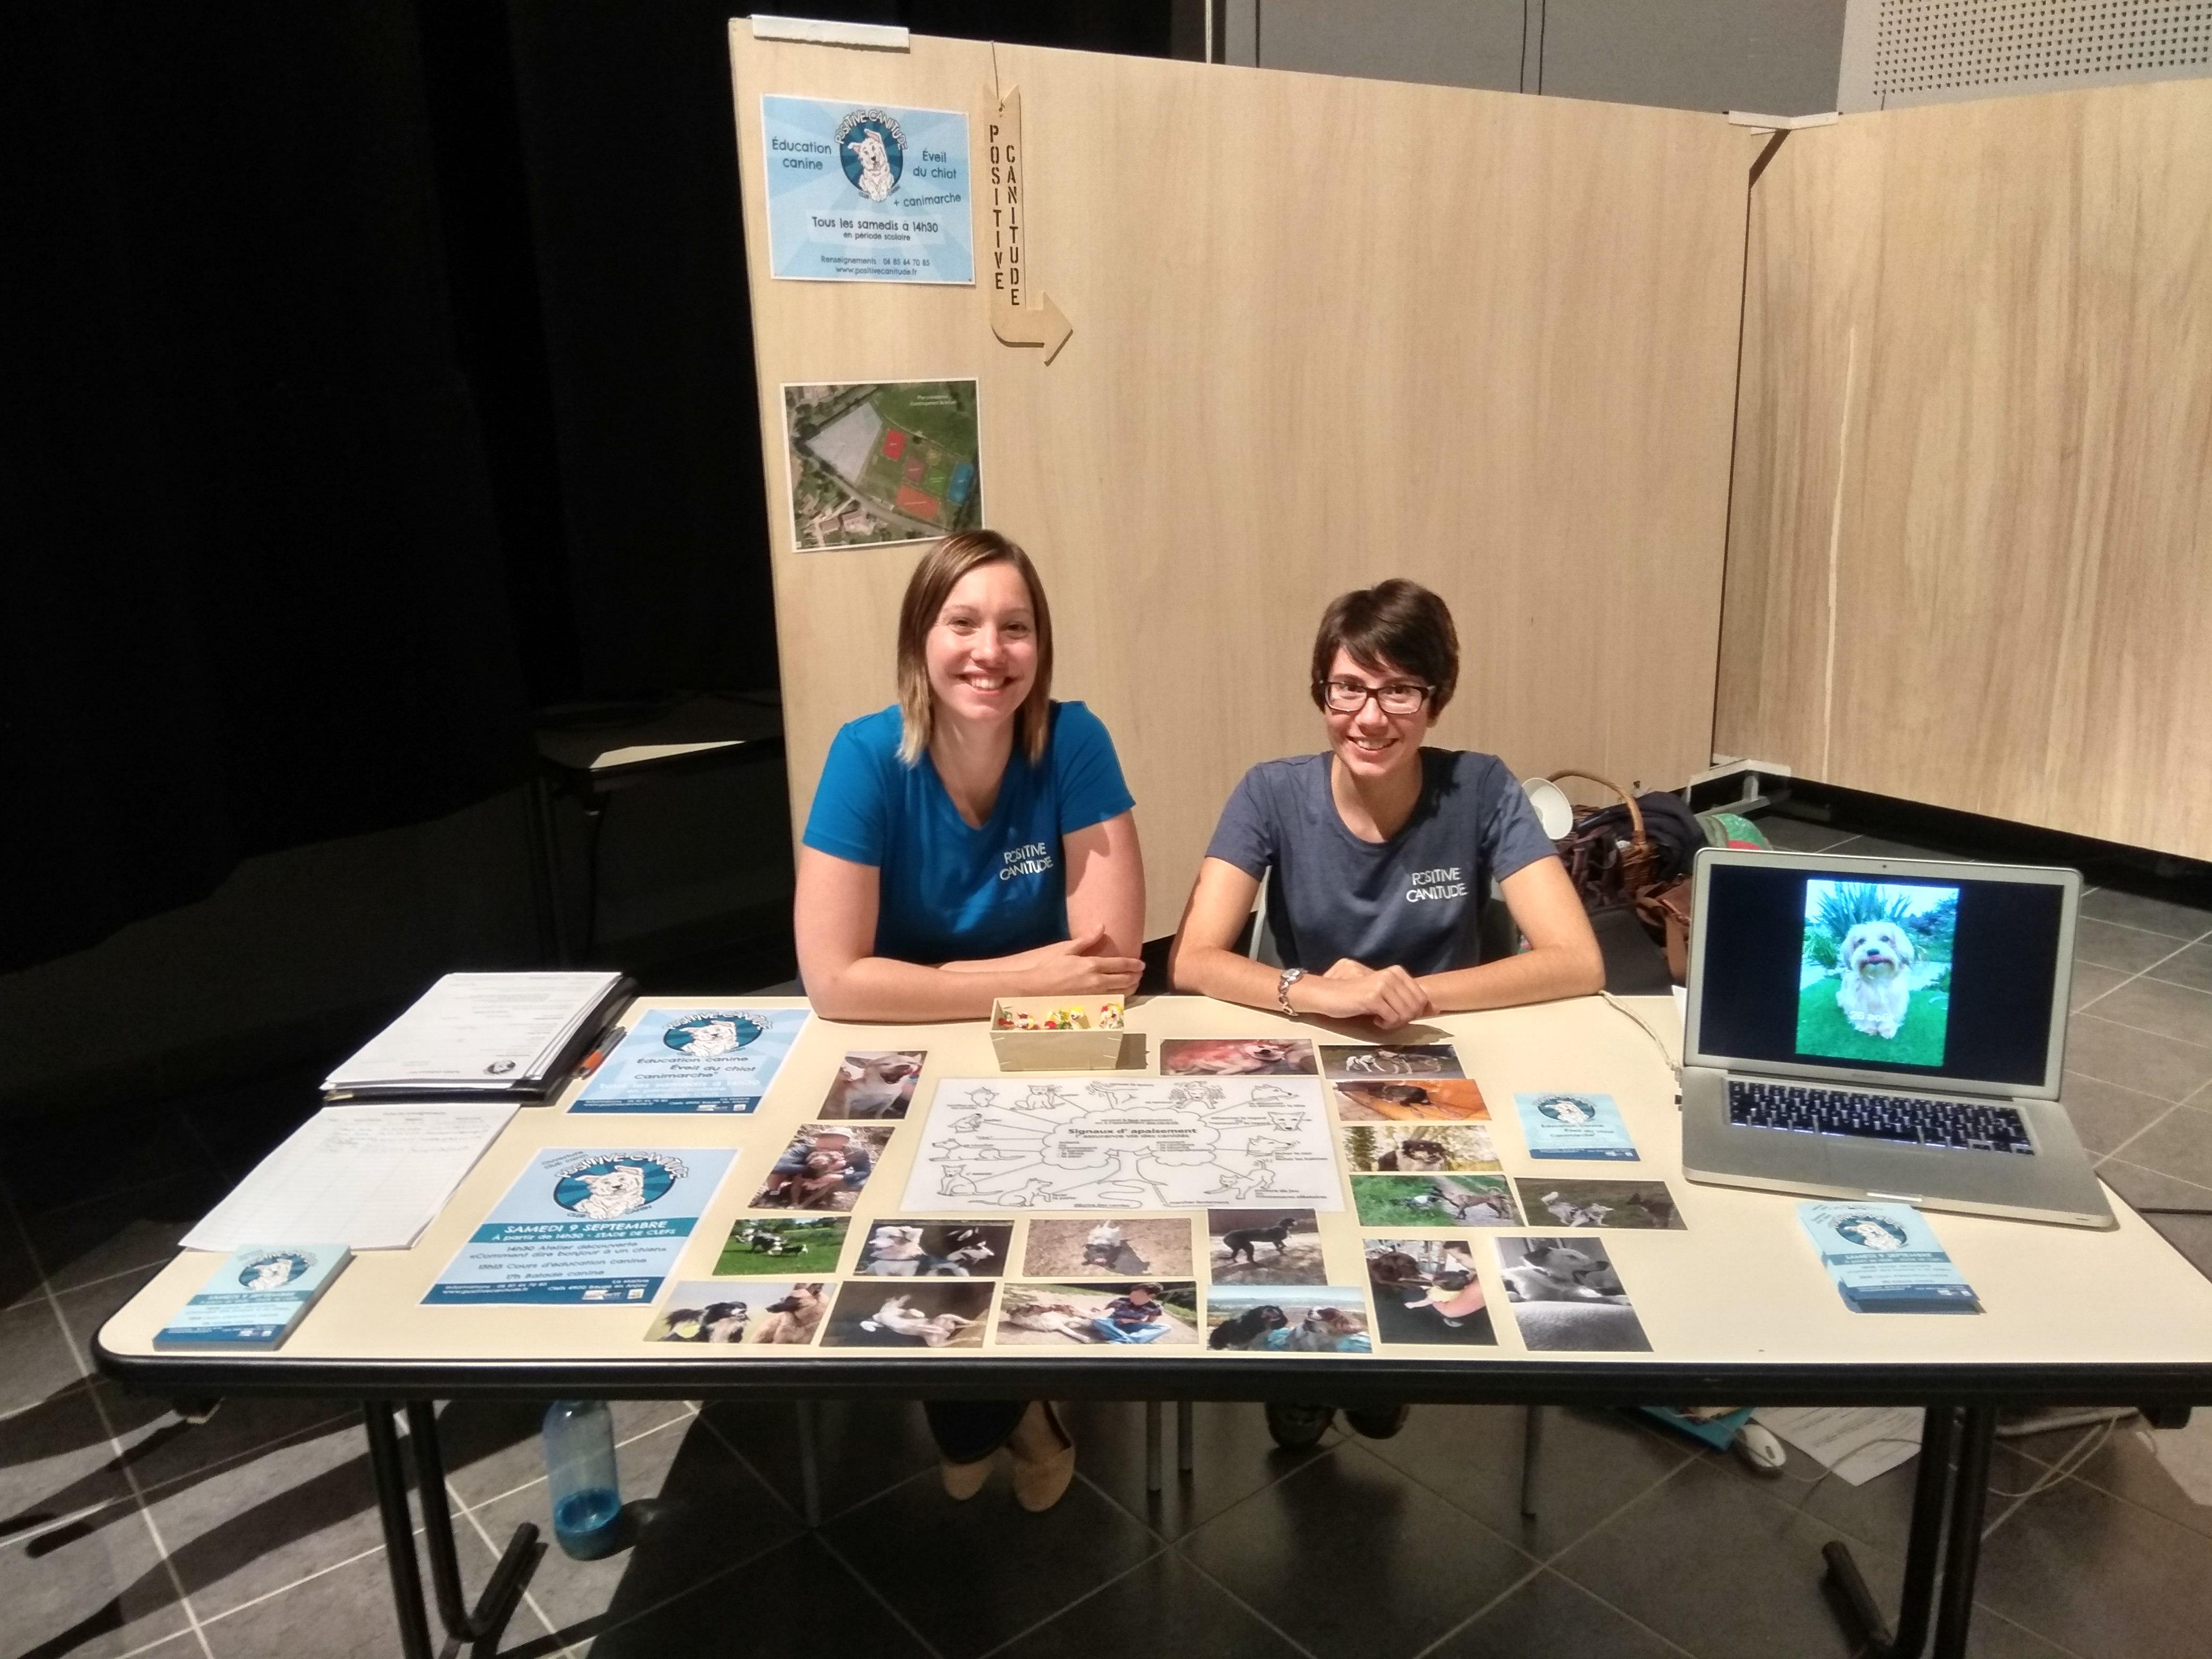 forum des associations 2017 de Baugé en Anjou avec Sarah et Séverine et le stand de Positive canitude